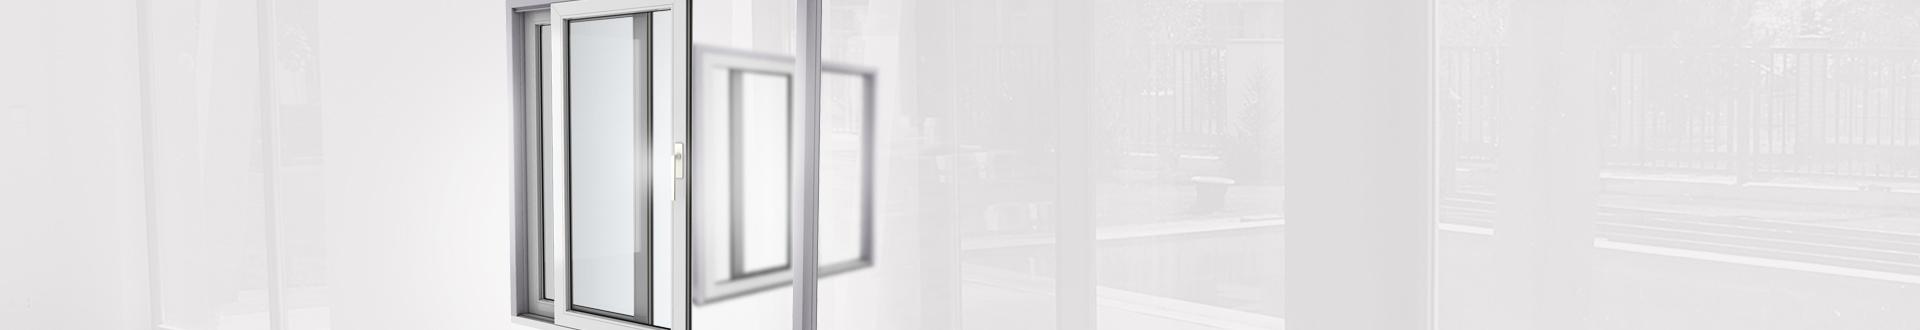 двери атолл в спб